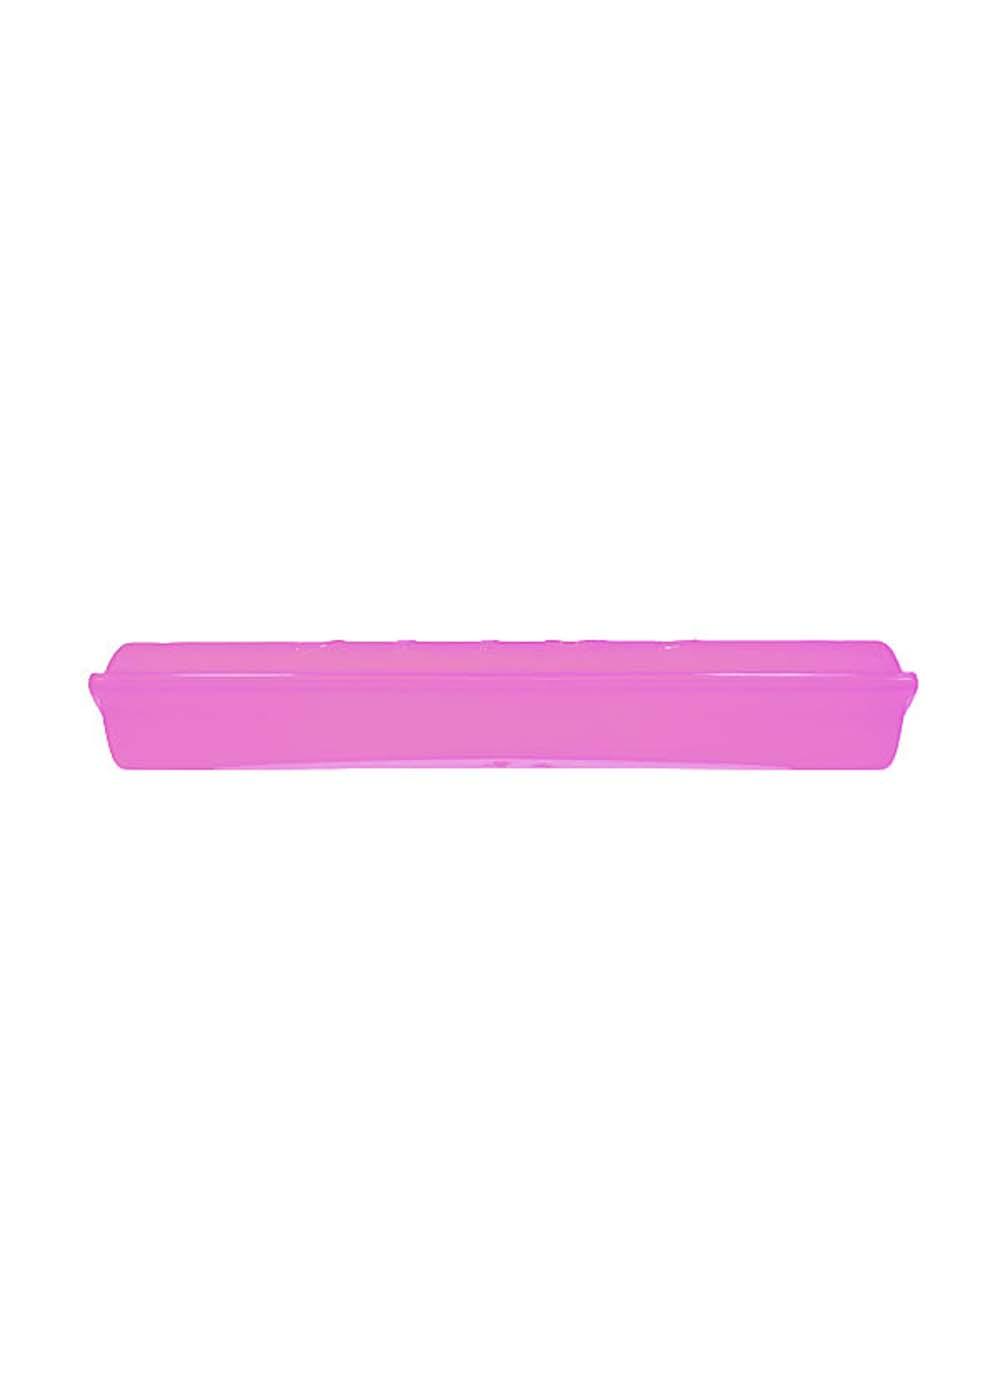 muy mucho サランラップホルダー pink 食器 muy mucho 最大23 off